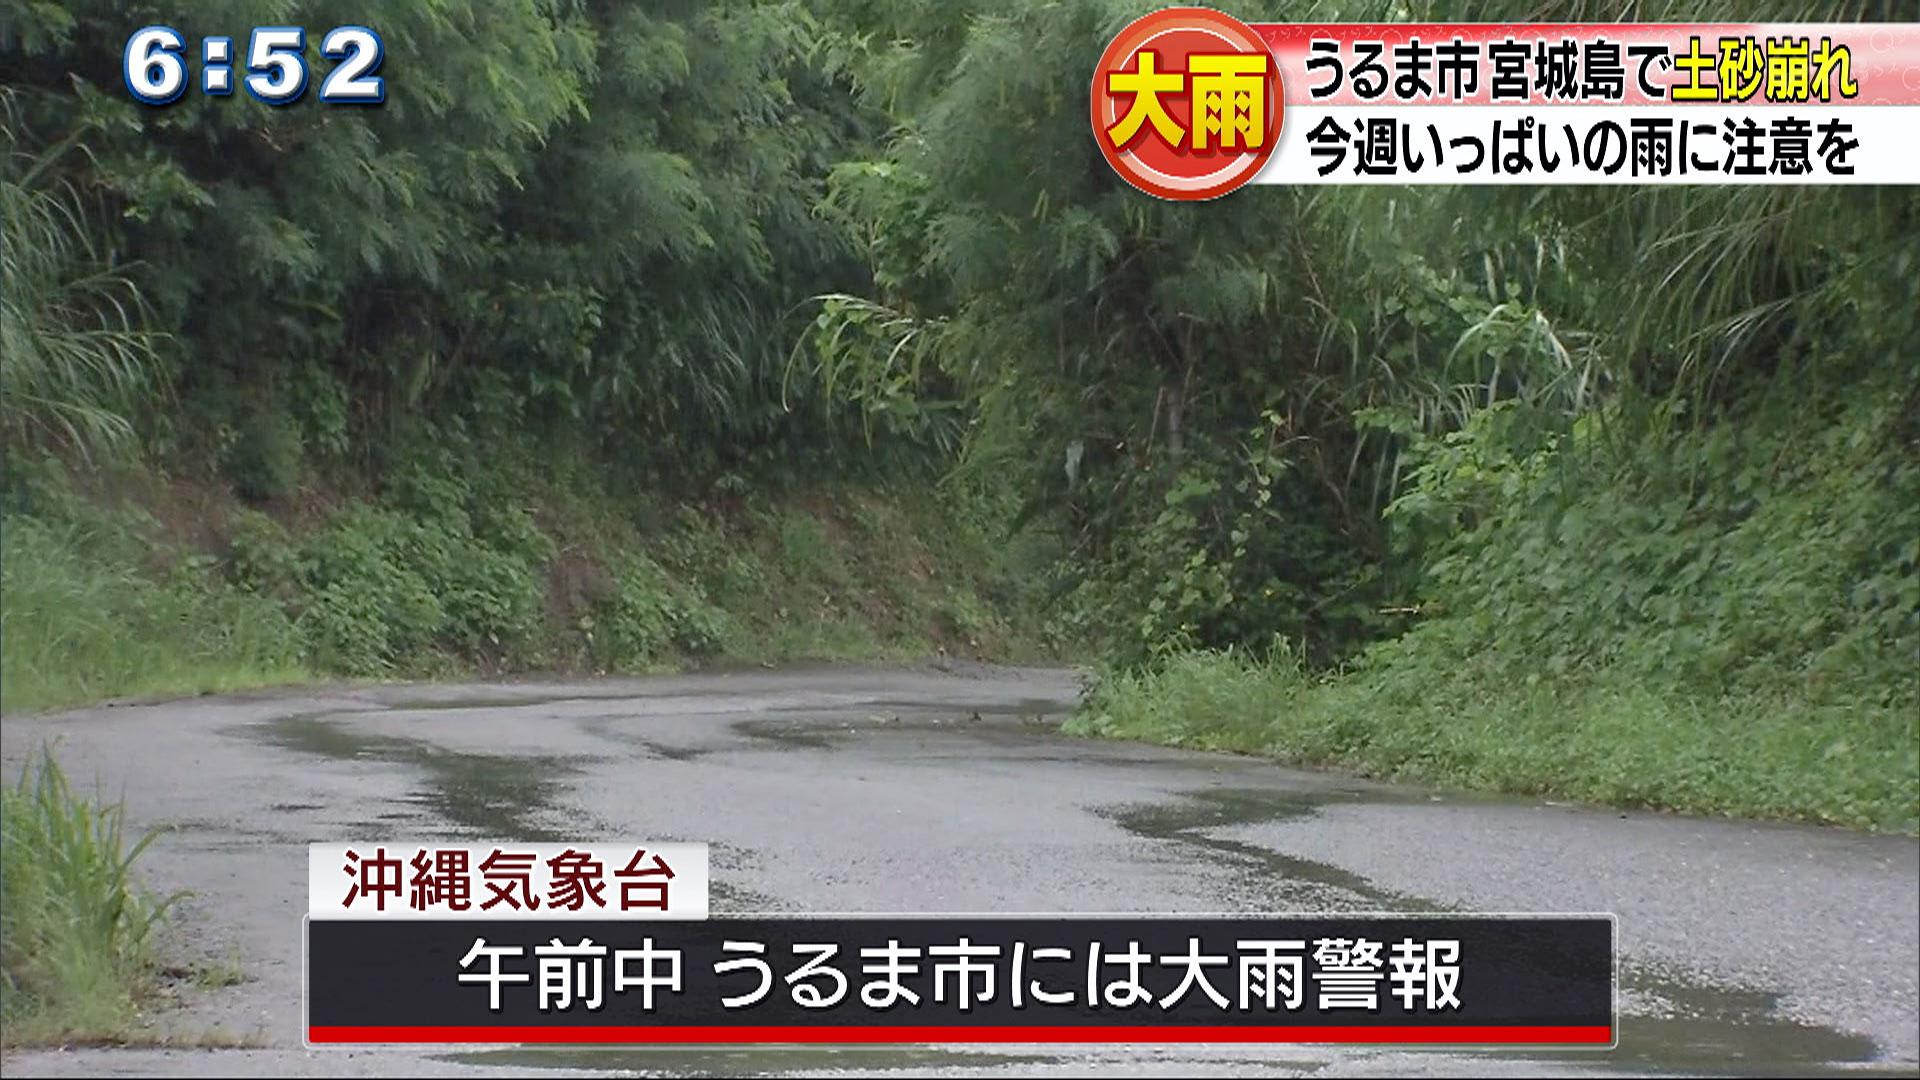 大雨の影響 宮城島で土砂崩れ